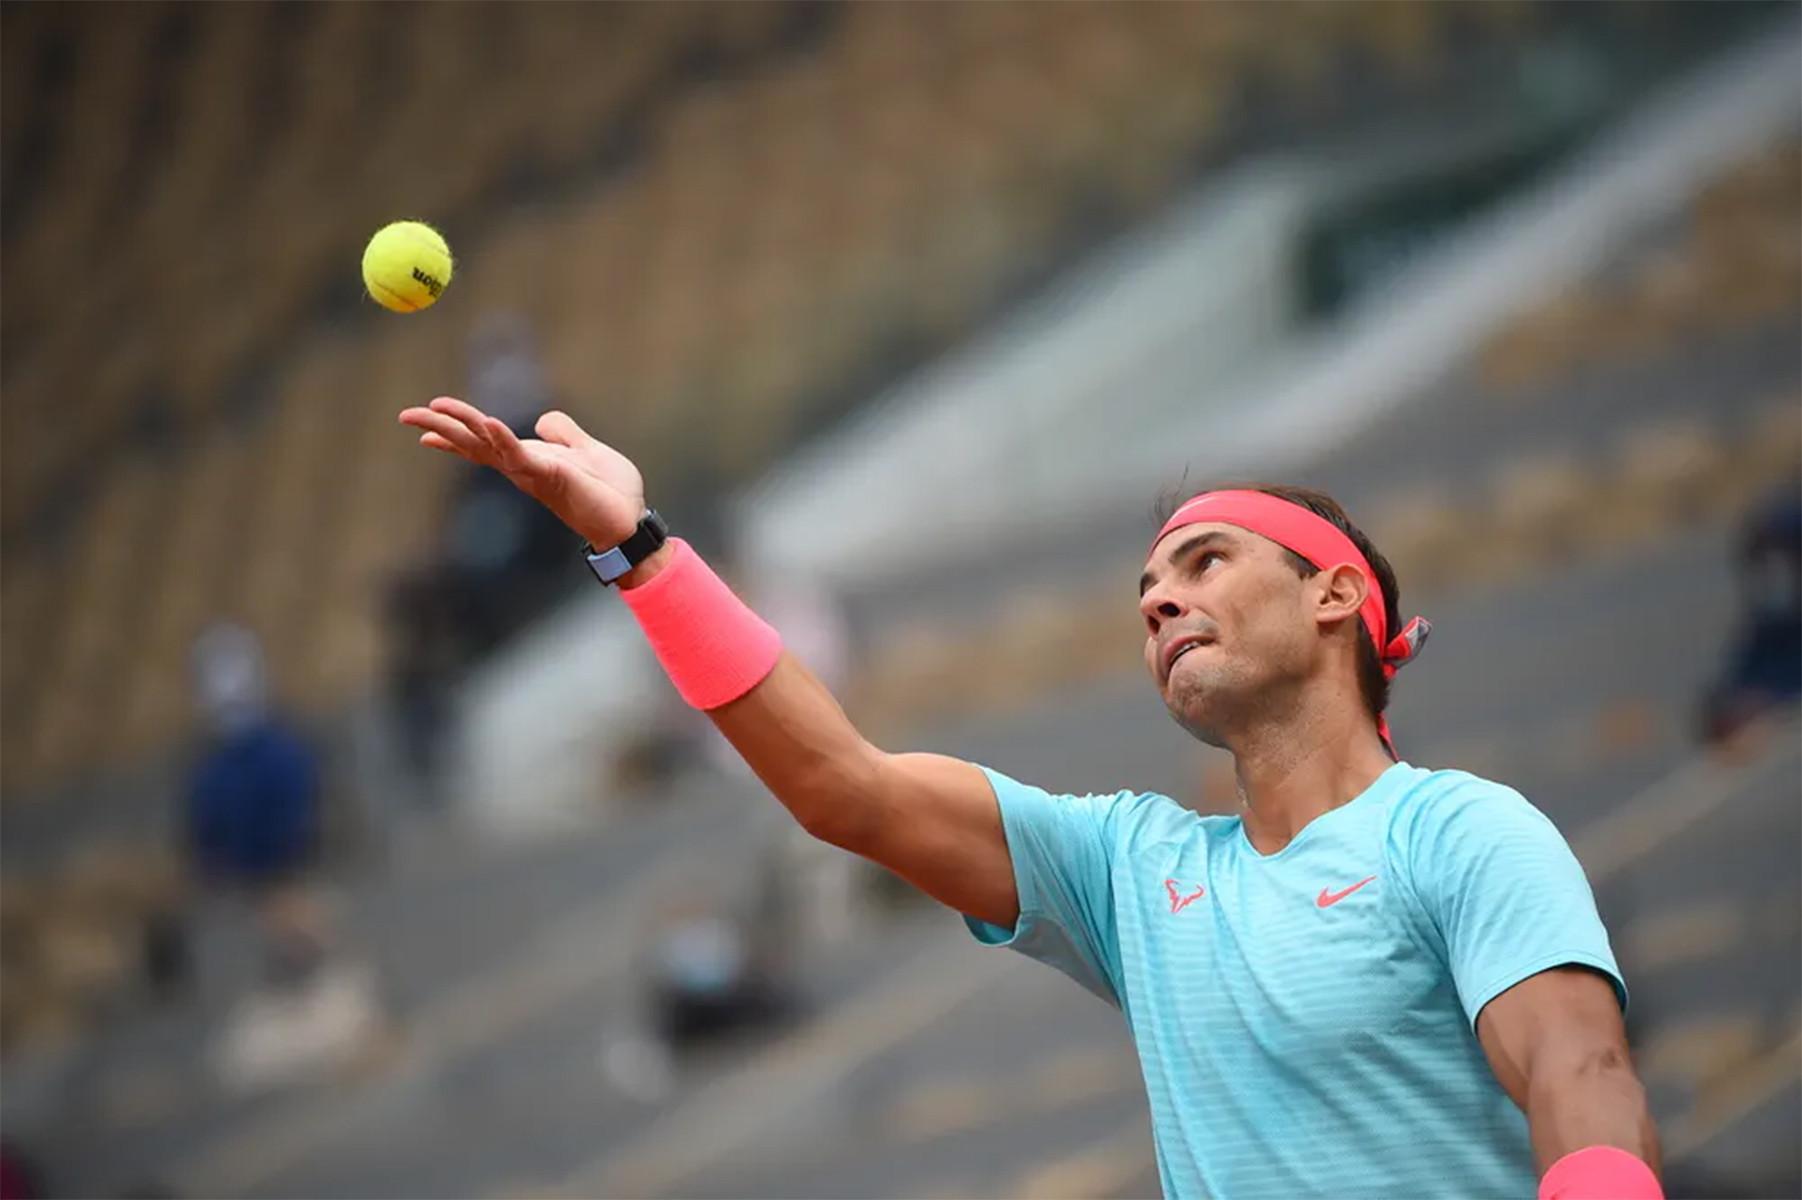 Rafael Nadal Butuh 2 Jam 5 Menit Lakoni Kampanye Pertama di Roland Garros 2020 - JPNN.com